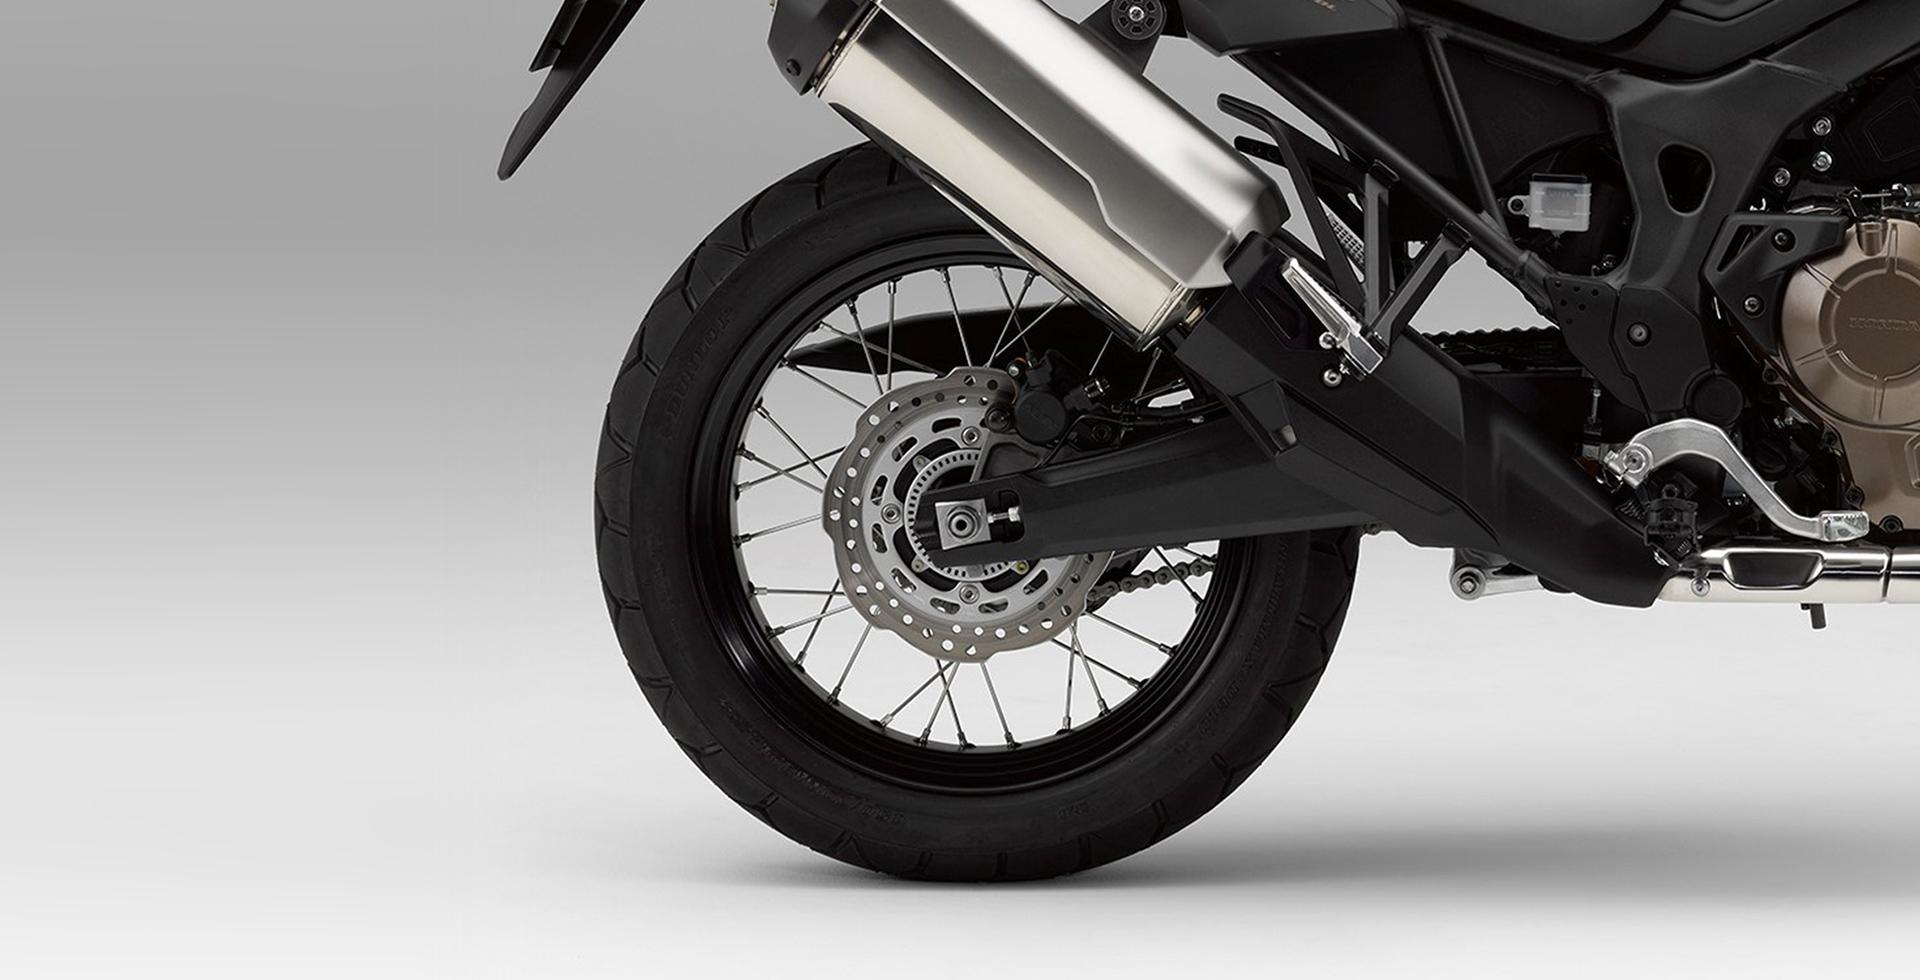 Na traseira, o disco de 256mm e a possibilidade de desativar o ABS para pilotagem offroad.